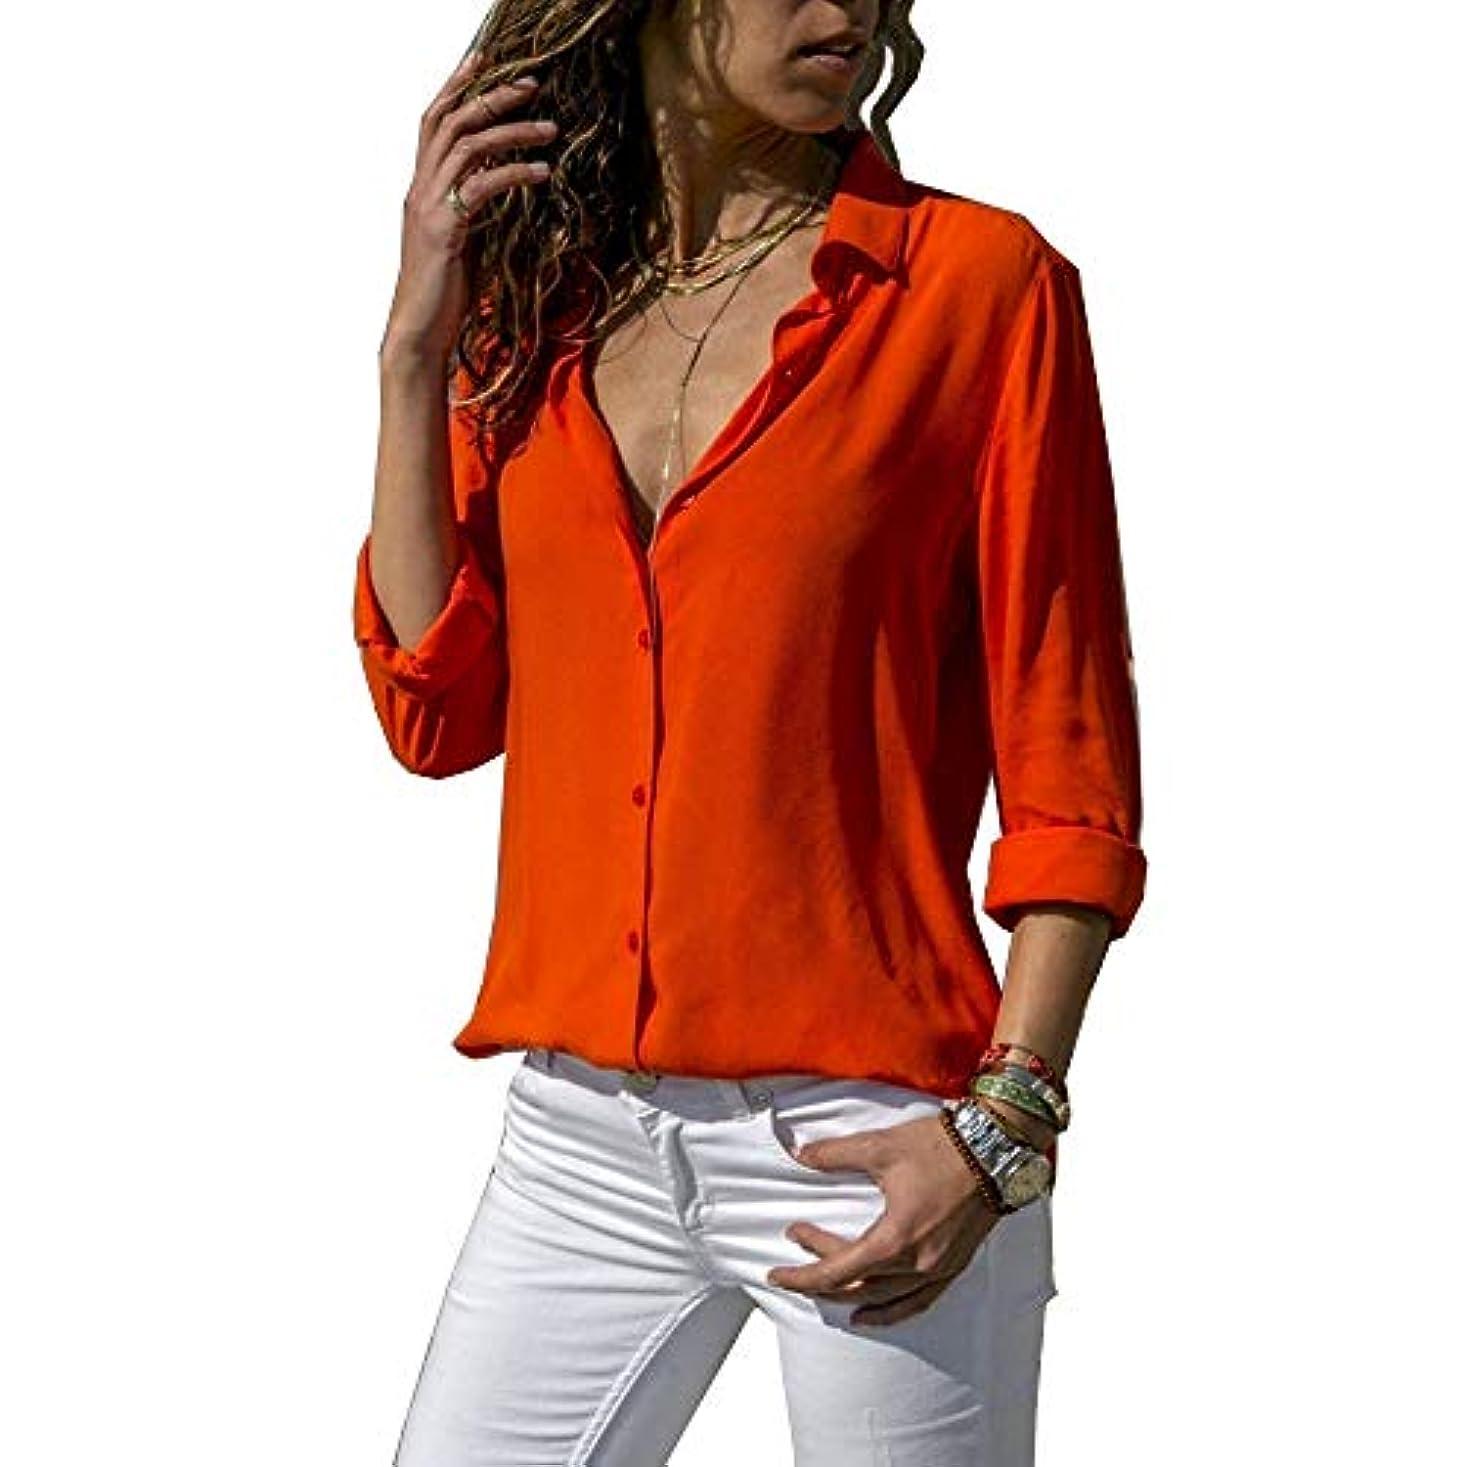 突き刺す無礼に側溝MIFAN ルーズシャツ、トップス&Tシャツ、プラスサイズ、トップス&ブラウス、シフォンブラウス、女性トップス、シフォンシャツ